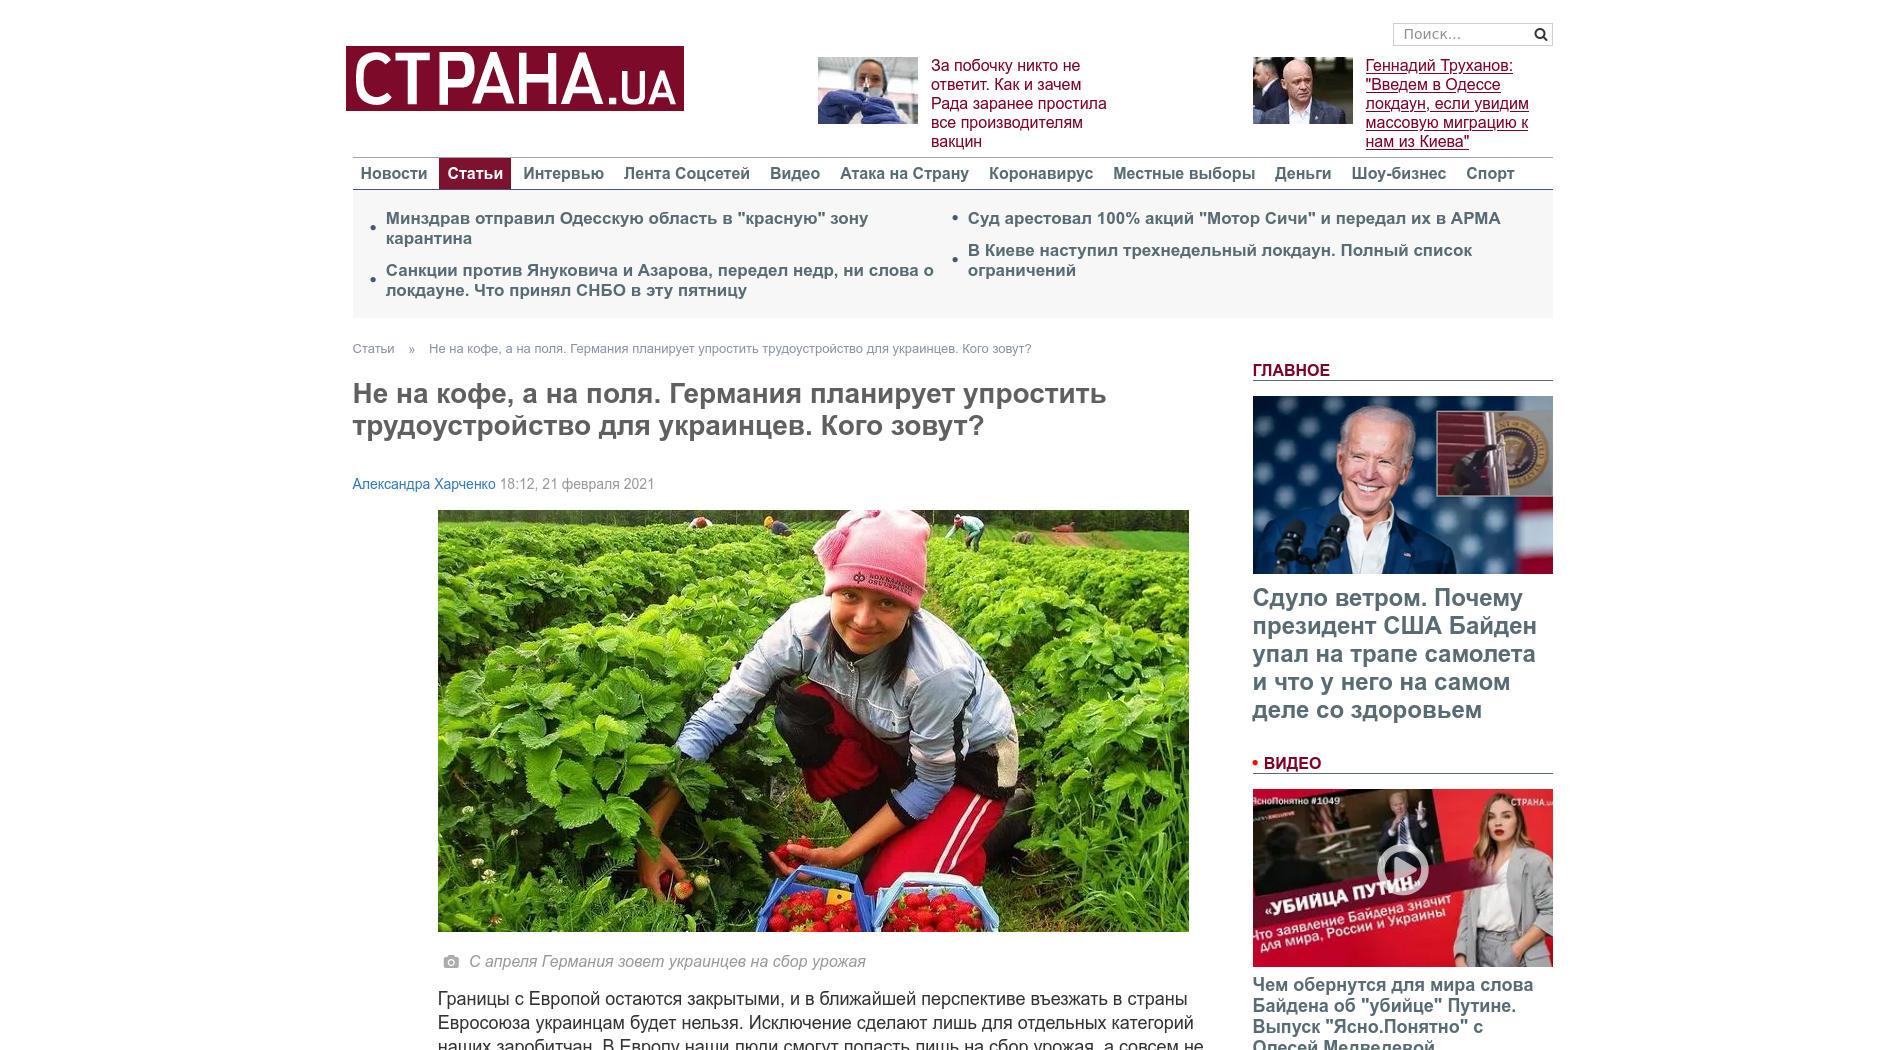 Ukraine Nachrichten Spiegel